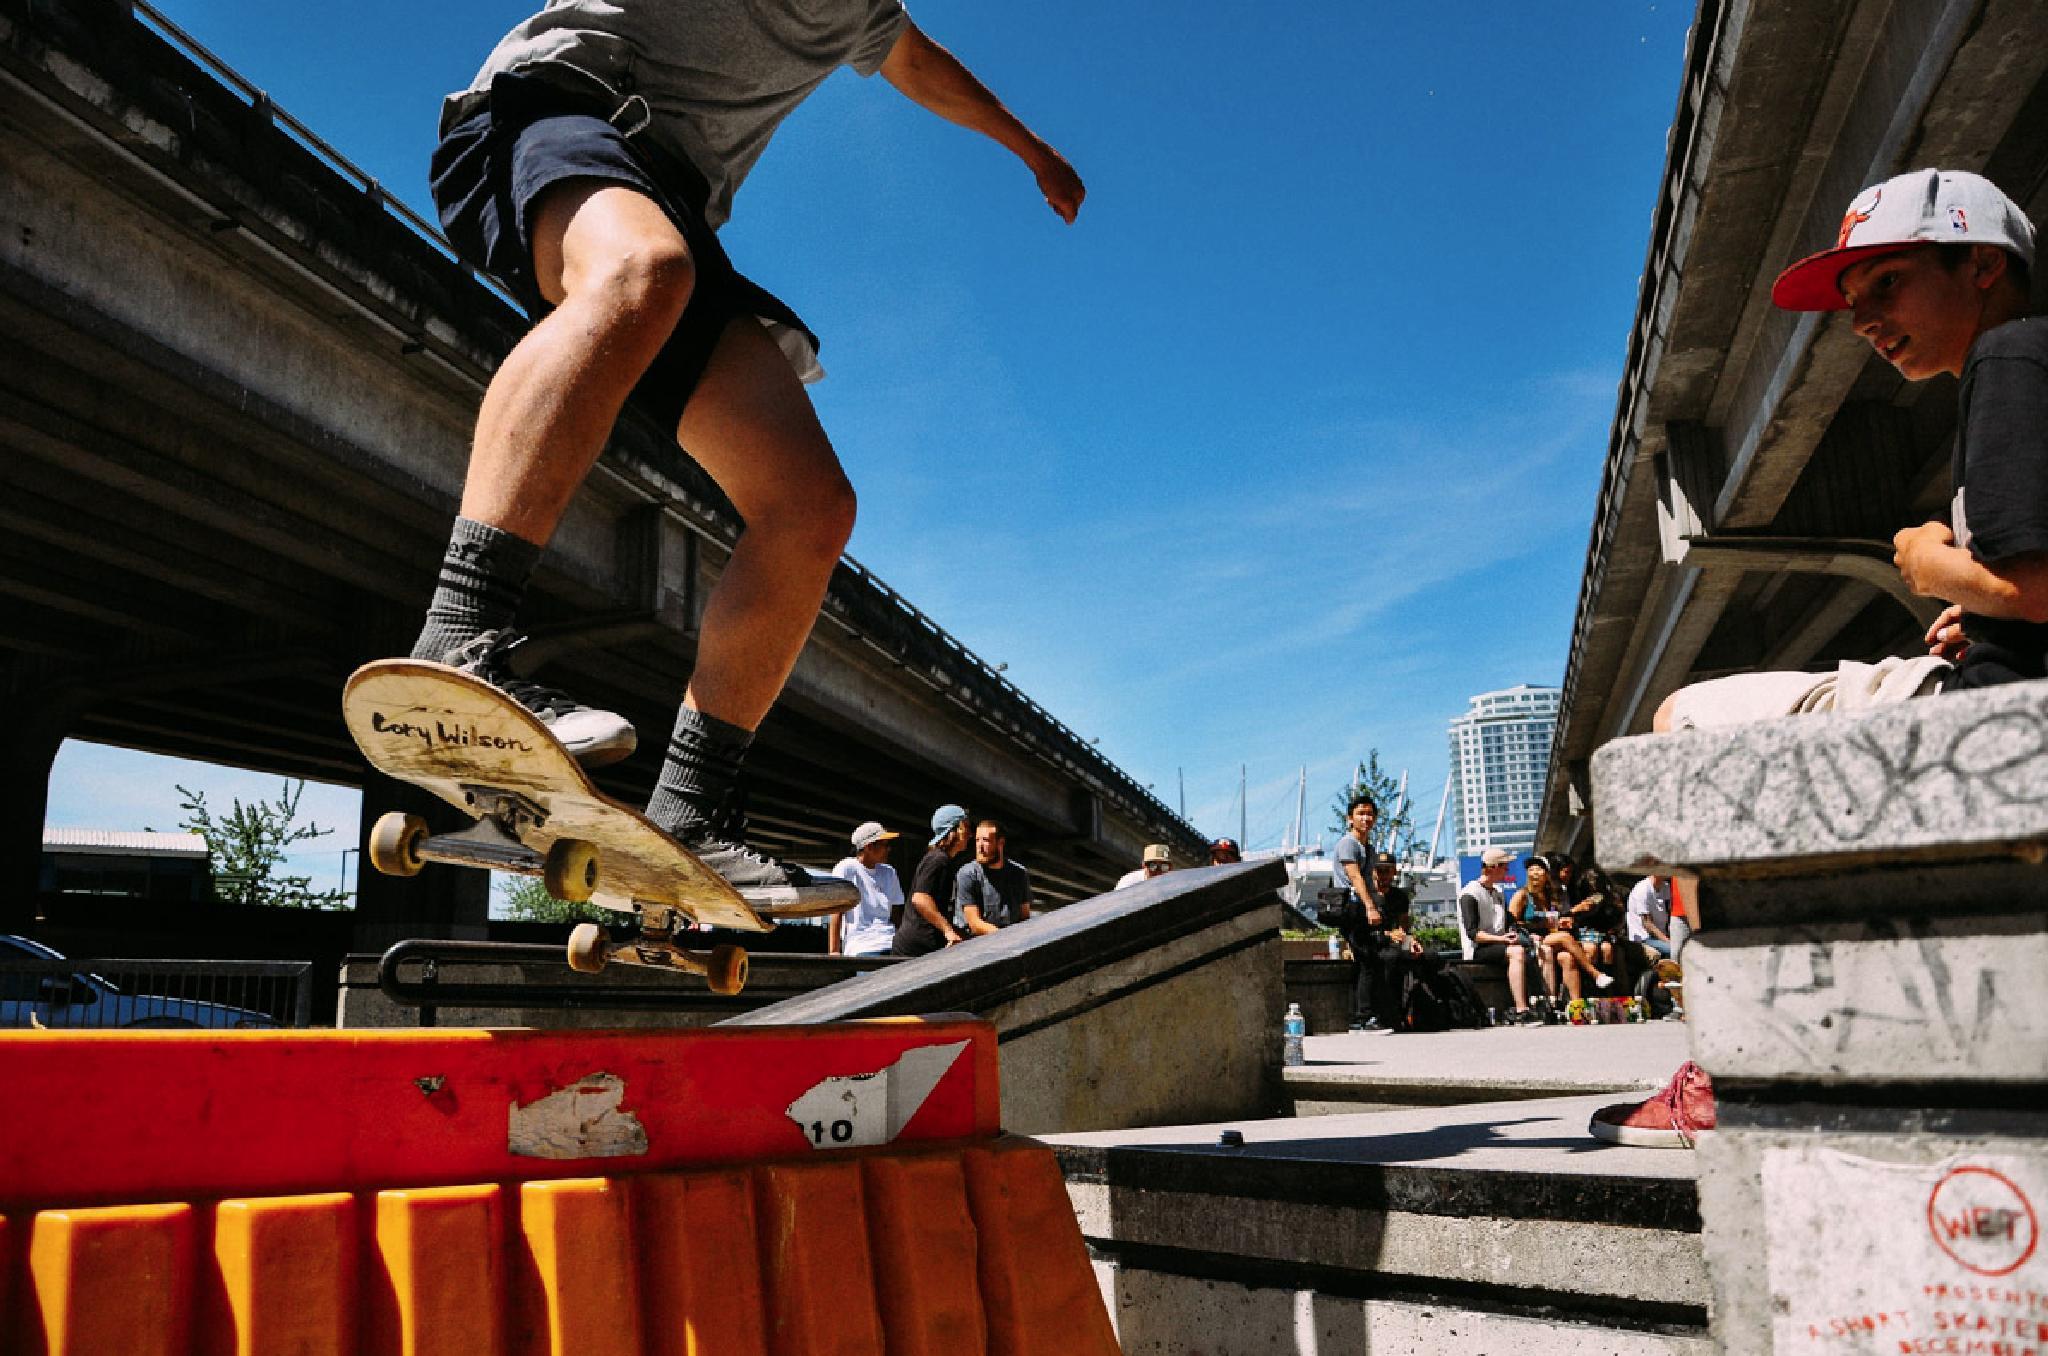 Let's backside boardslide by Paul Bielicky